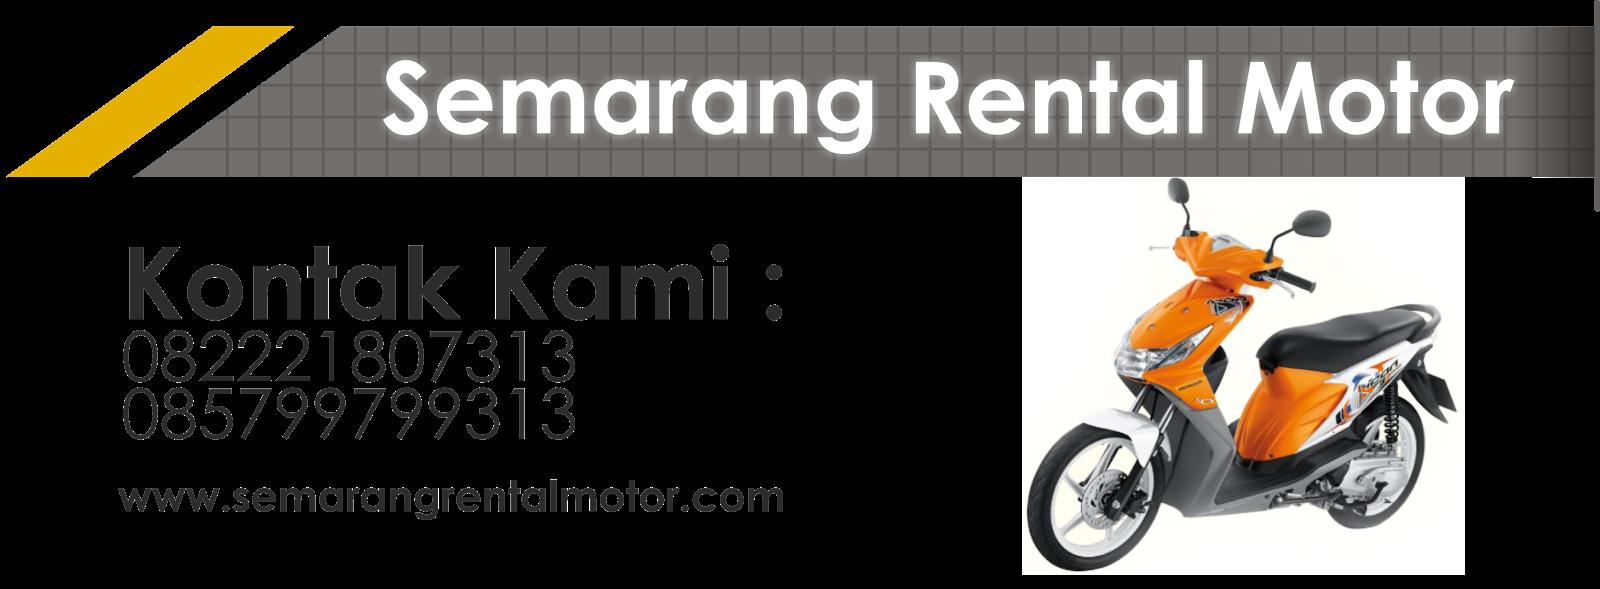 Sewa Motor Semarang